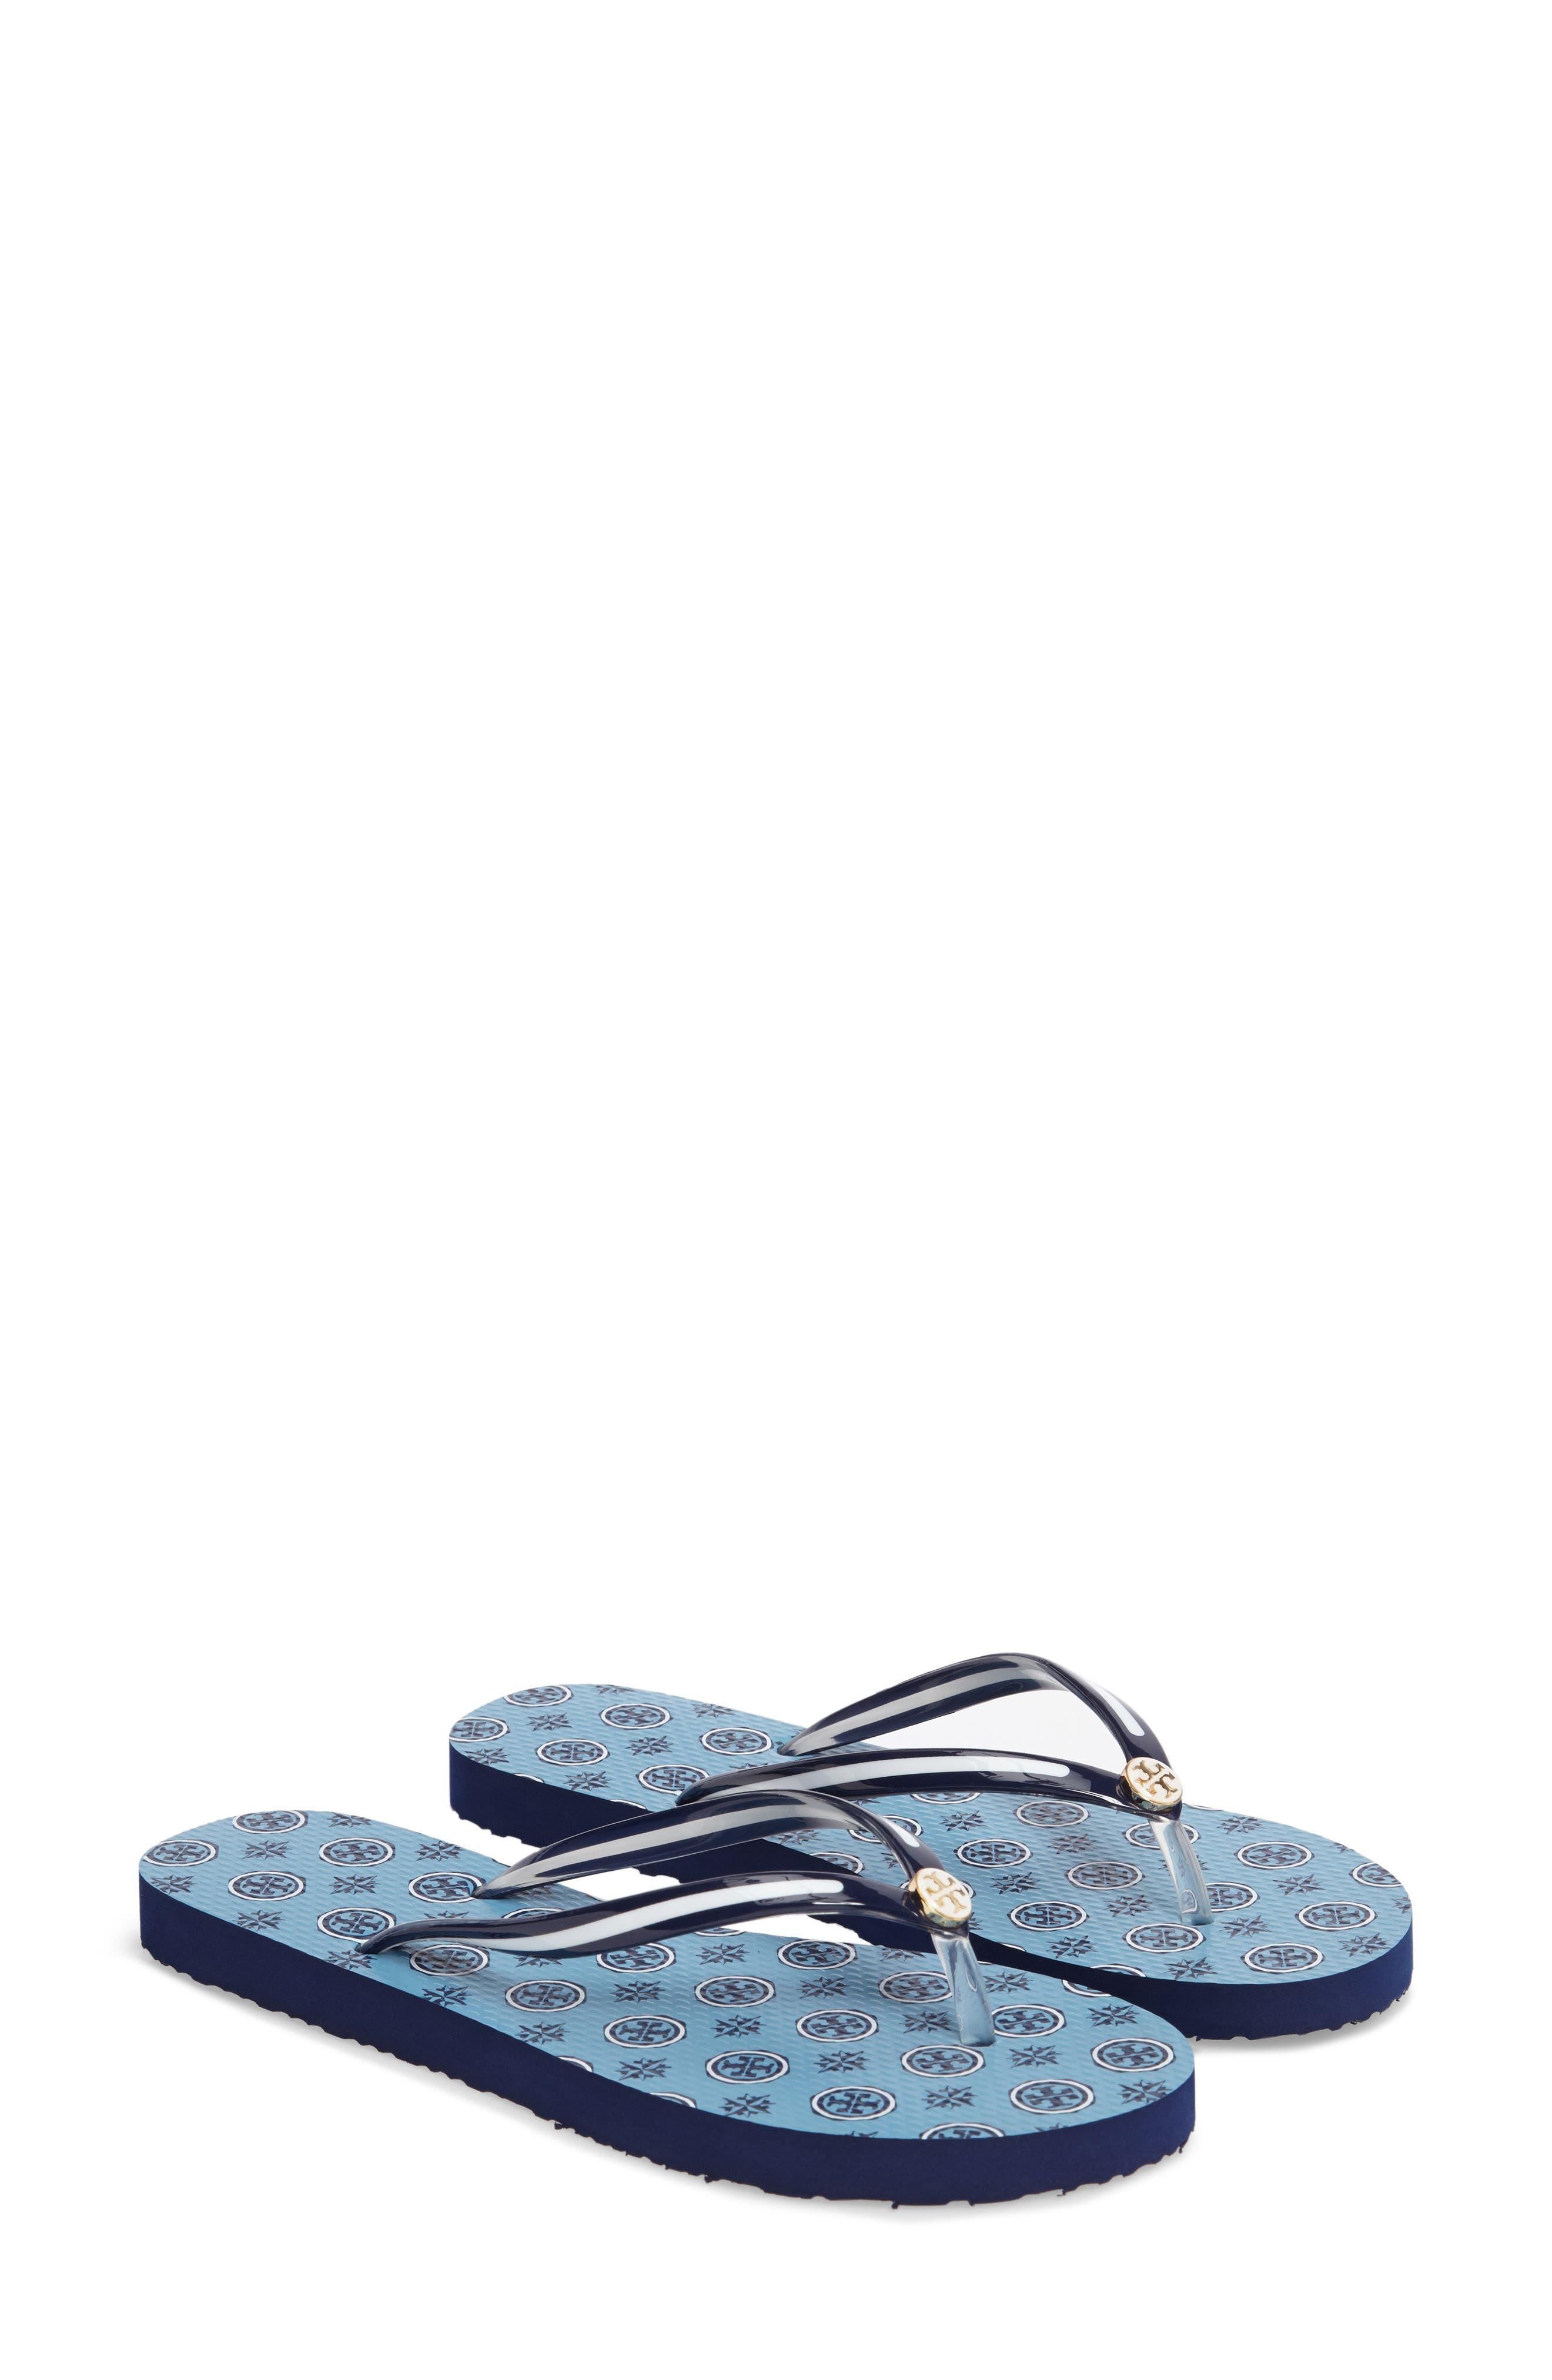 Main Image - Tory Burch Thin Flip Flop (Women)